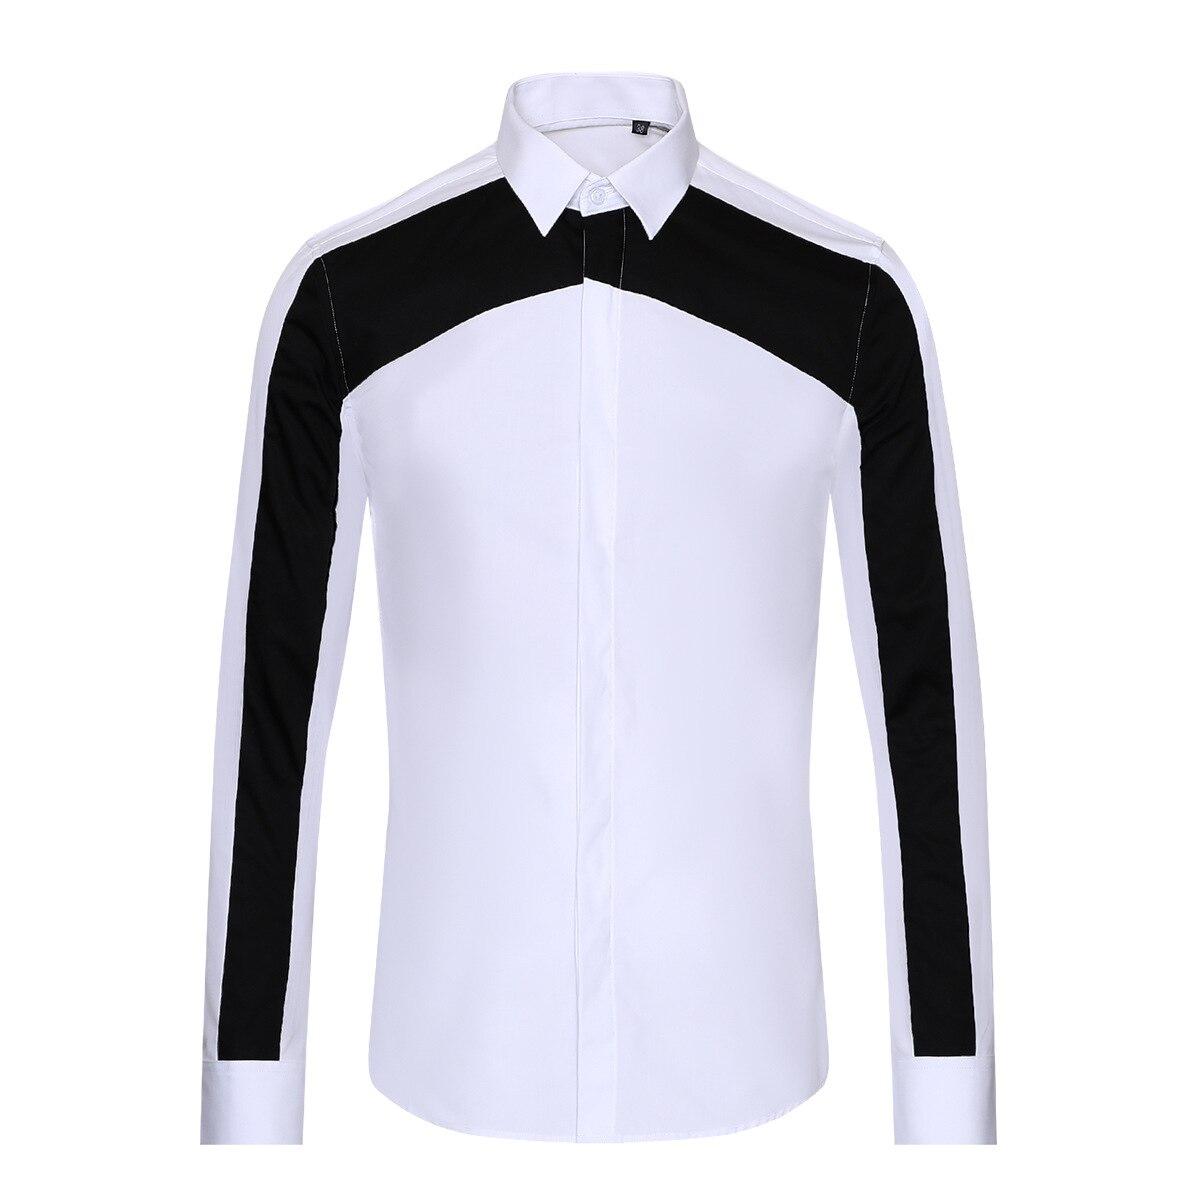 قمصان هندسية بالأبيض والأسود للرجال ، قمصان غير رسمية بأكمام طويلة ، مقاس MLXL2XL 3XL ، مجموعة جديدة 2020